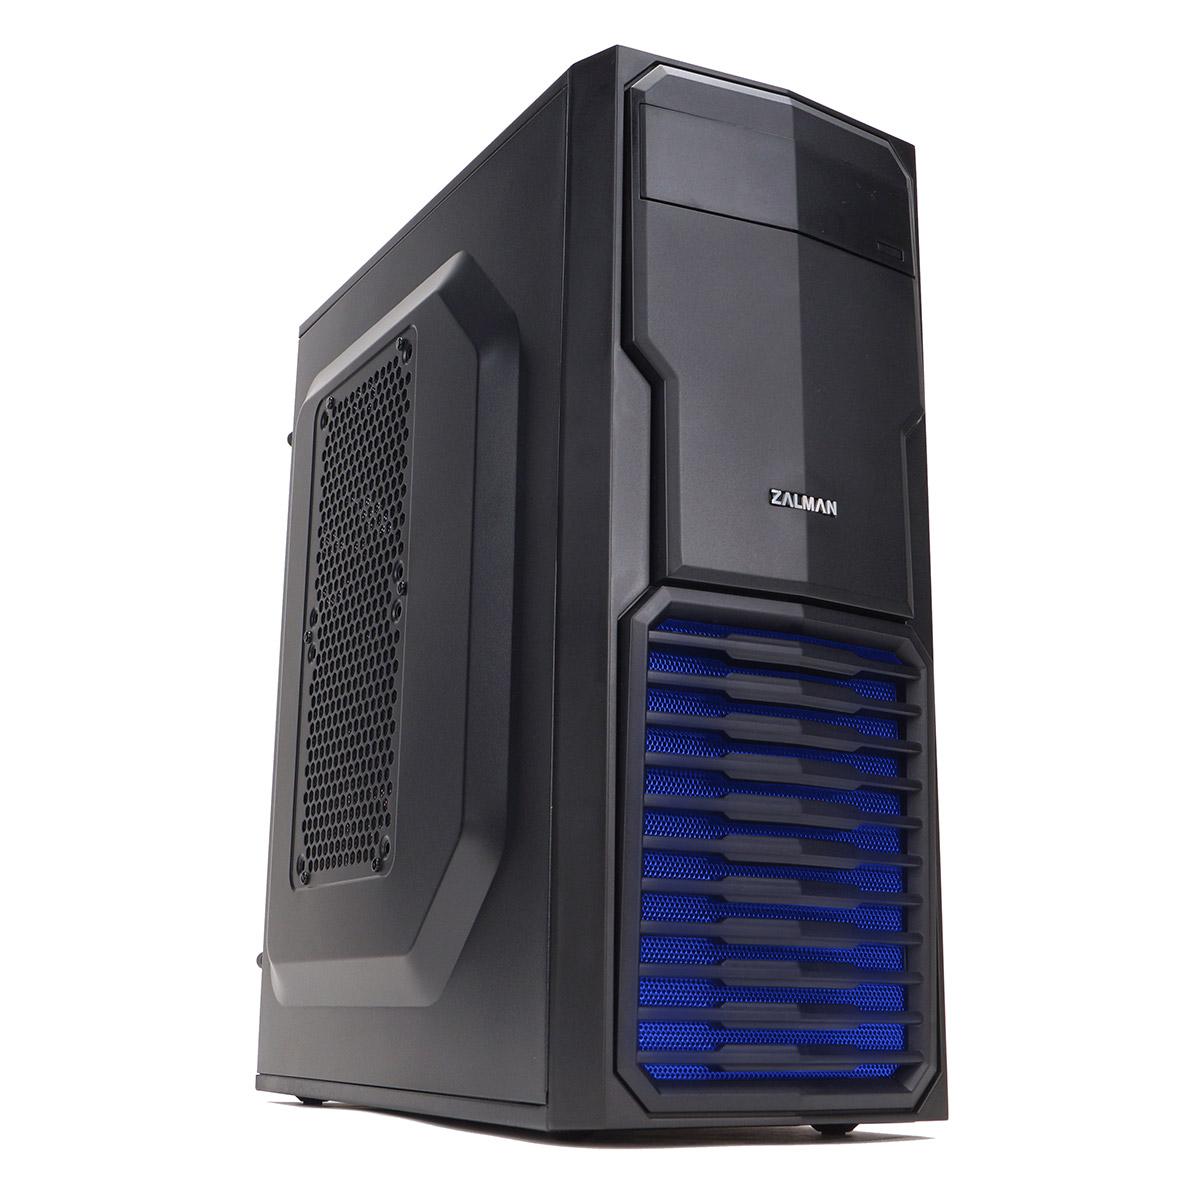 Boitier PC Zalman ZM-T4 Plus Mini tour ATX/mATX Noir(sans alim), informatique 974, informatique ile reunion